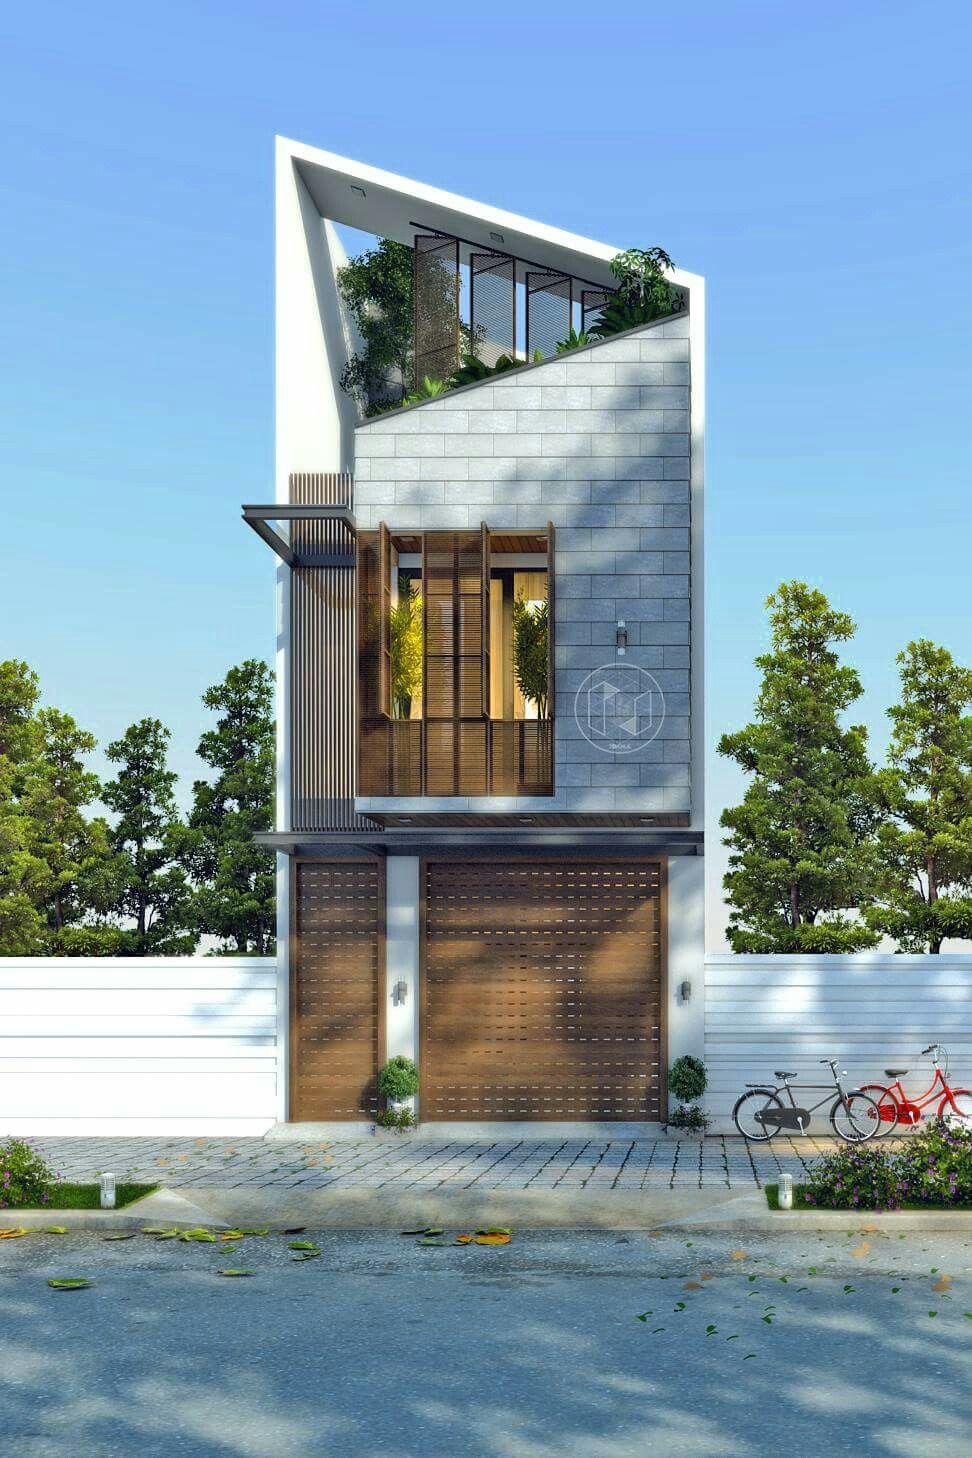 Cute house devanture maison maison étroite plan petite maison maison moderne architecture